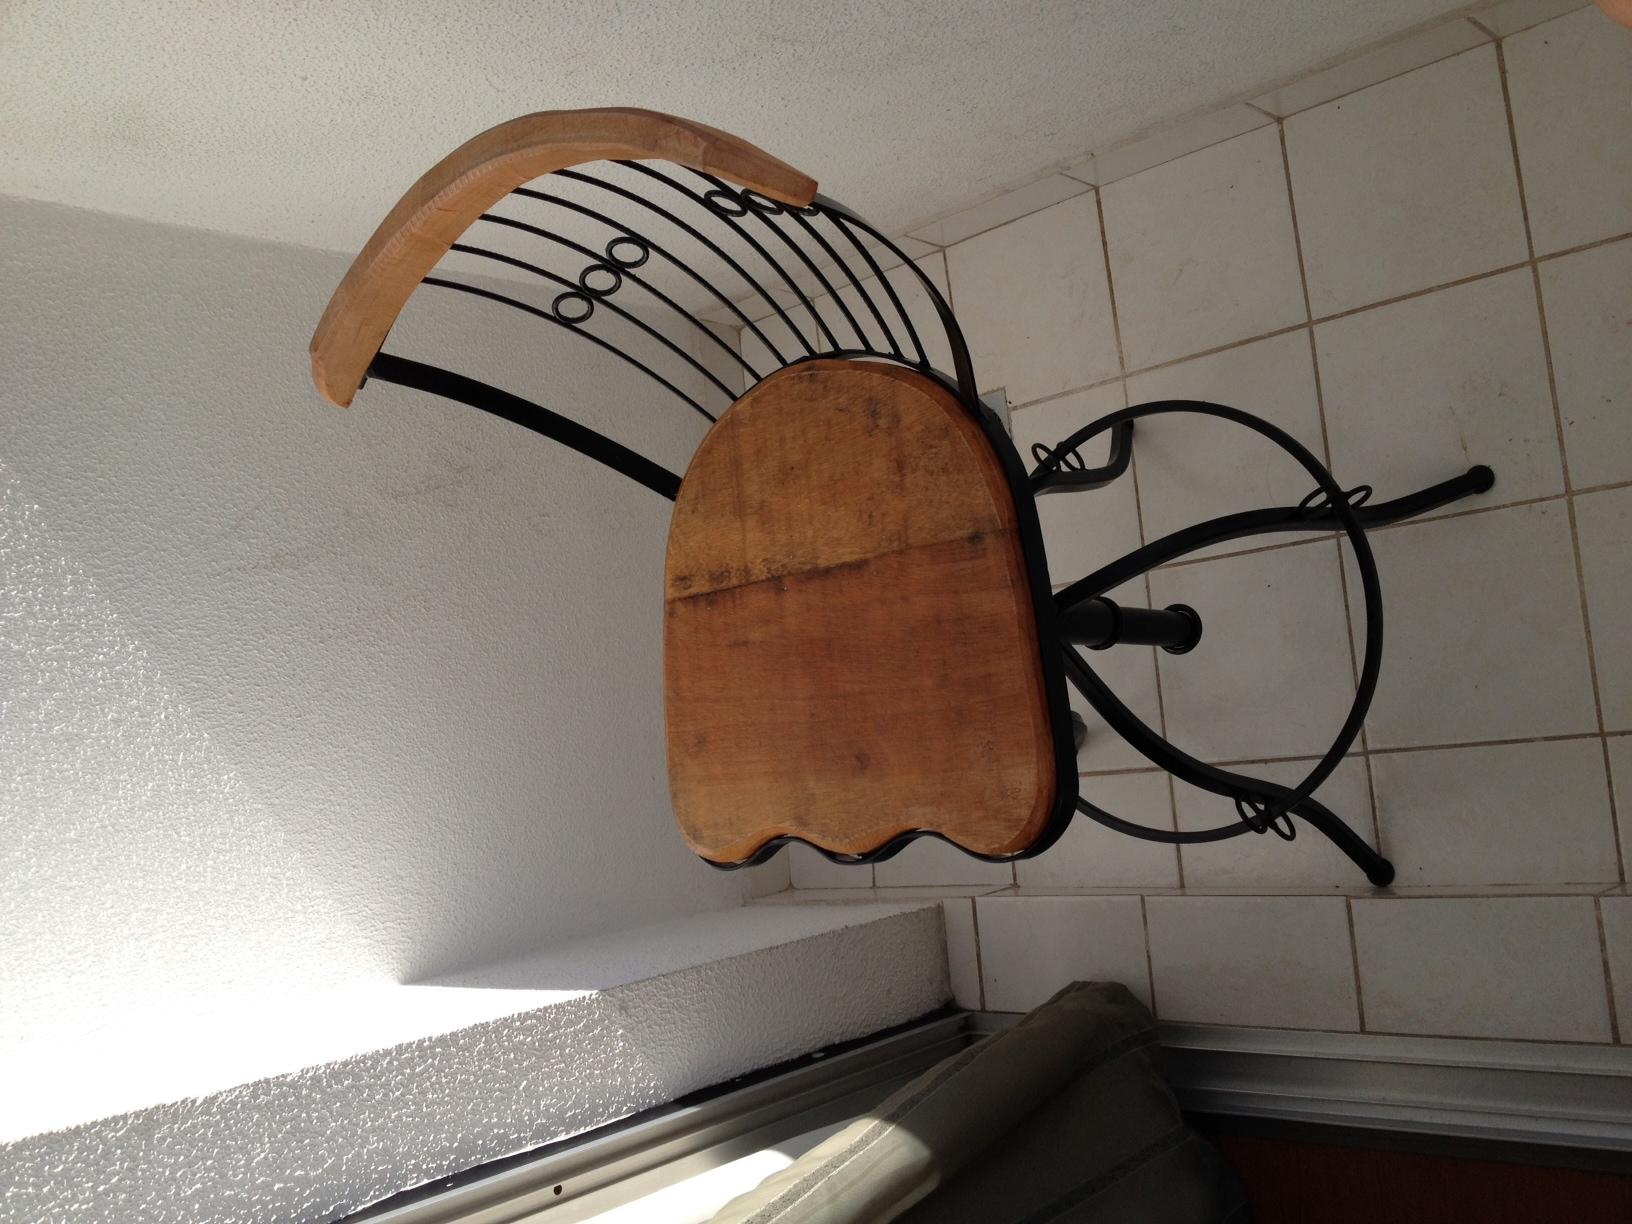 Banco de ferro e madeira Nossa Casa Arte e Decorações Elo7 #6D432B 1632x1224